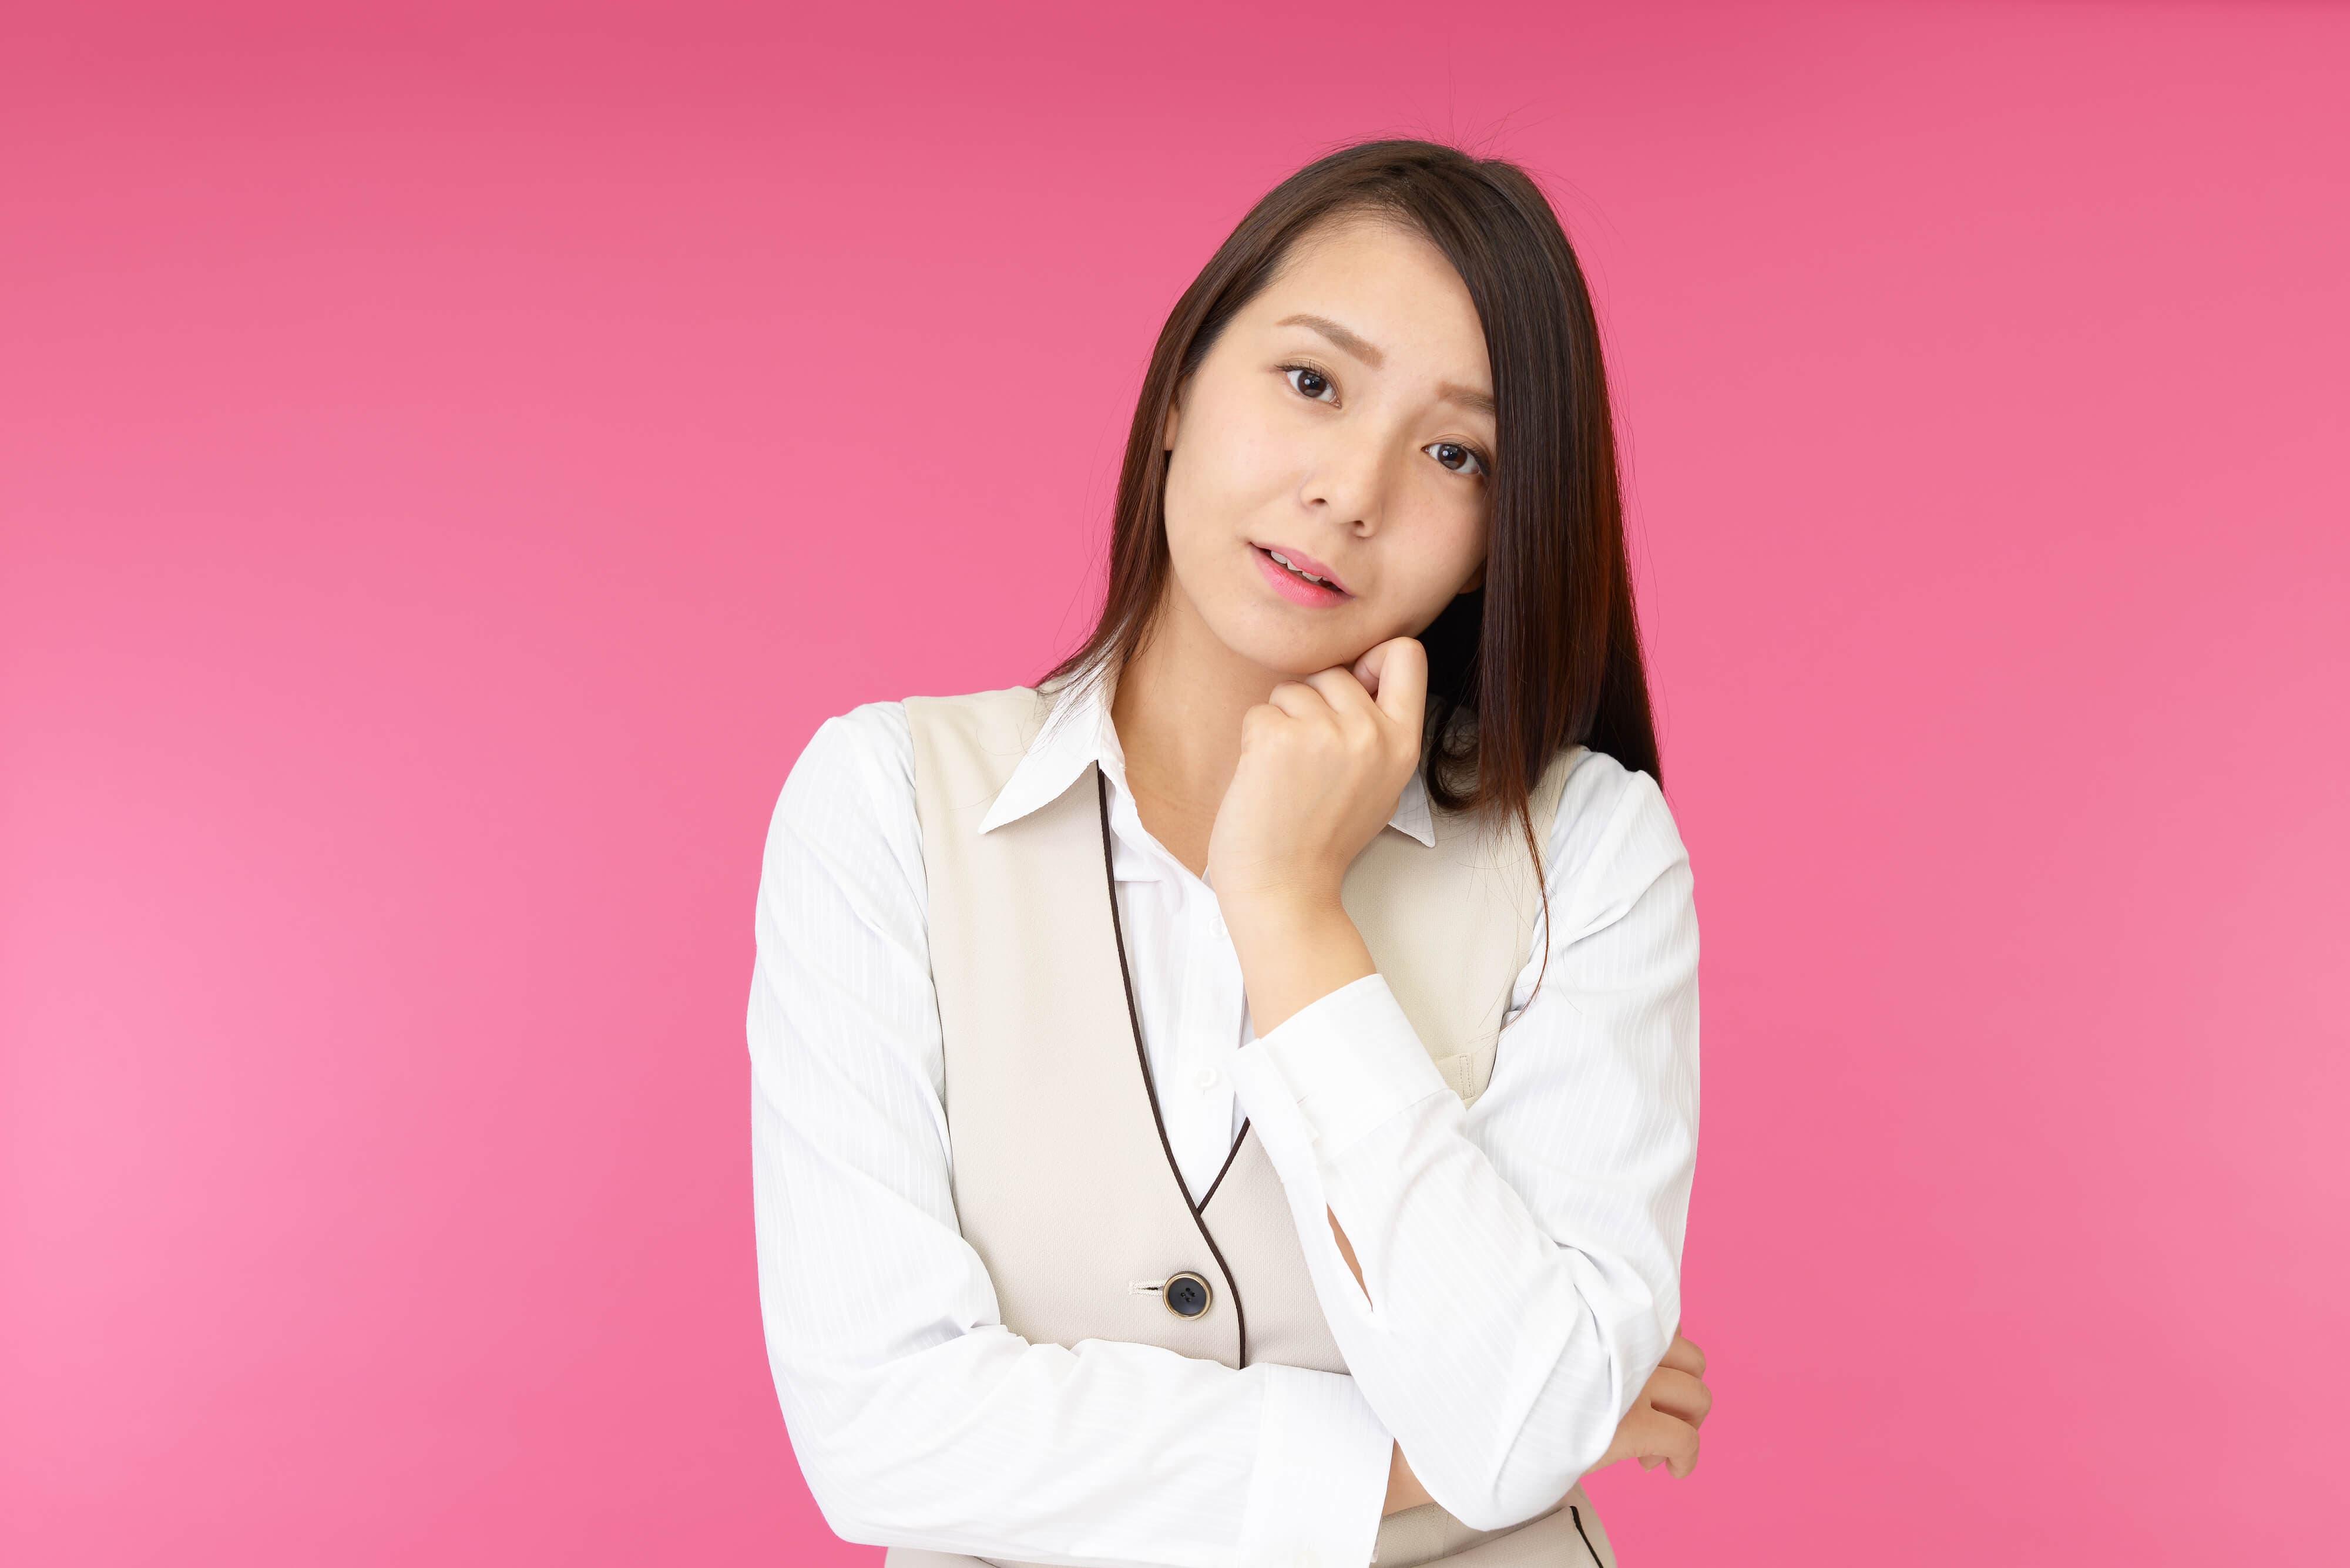 【医師監修】カンジダって性感染症なの?症状や治療法など知識まとめ